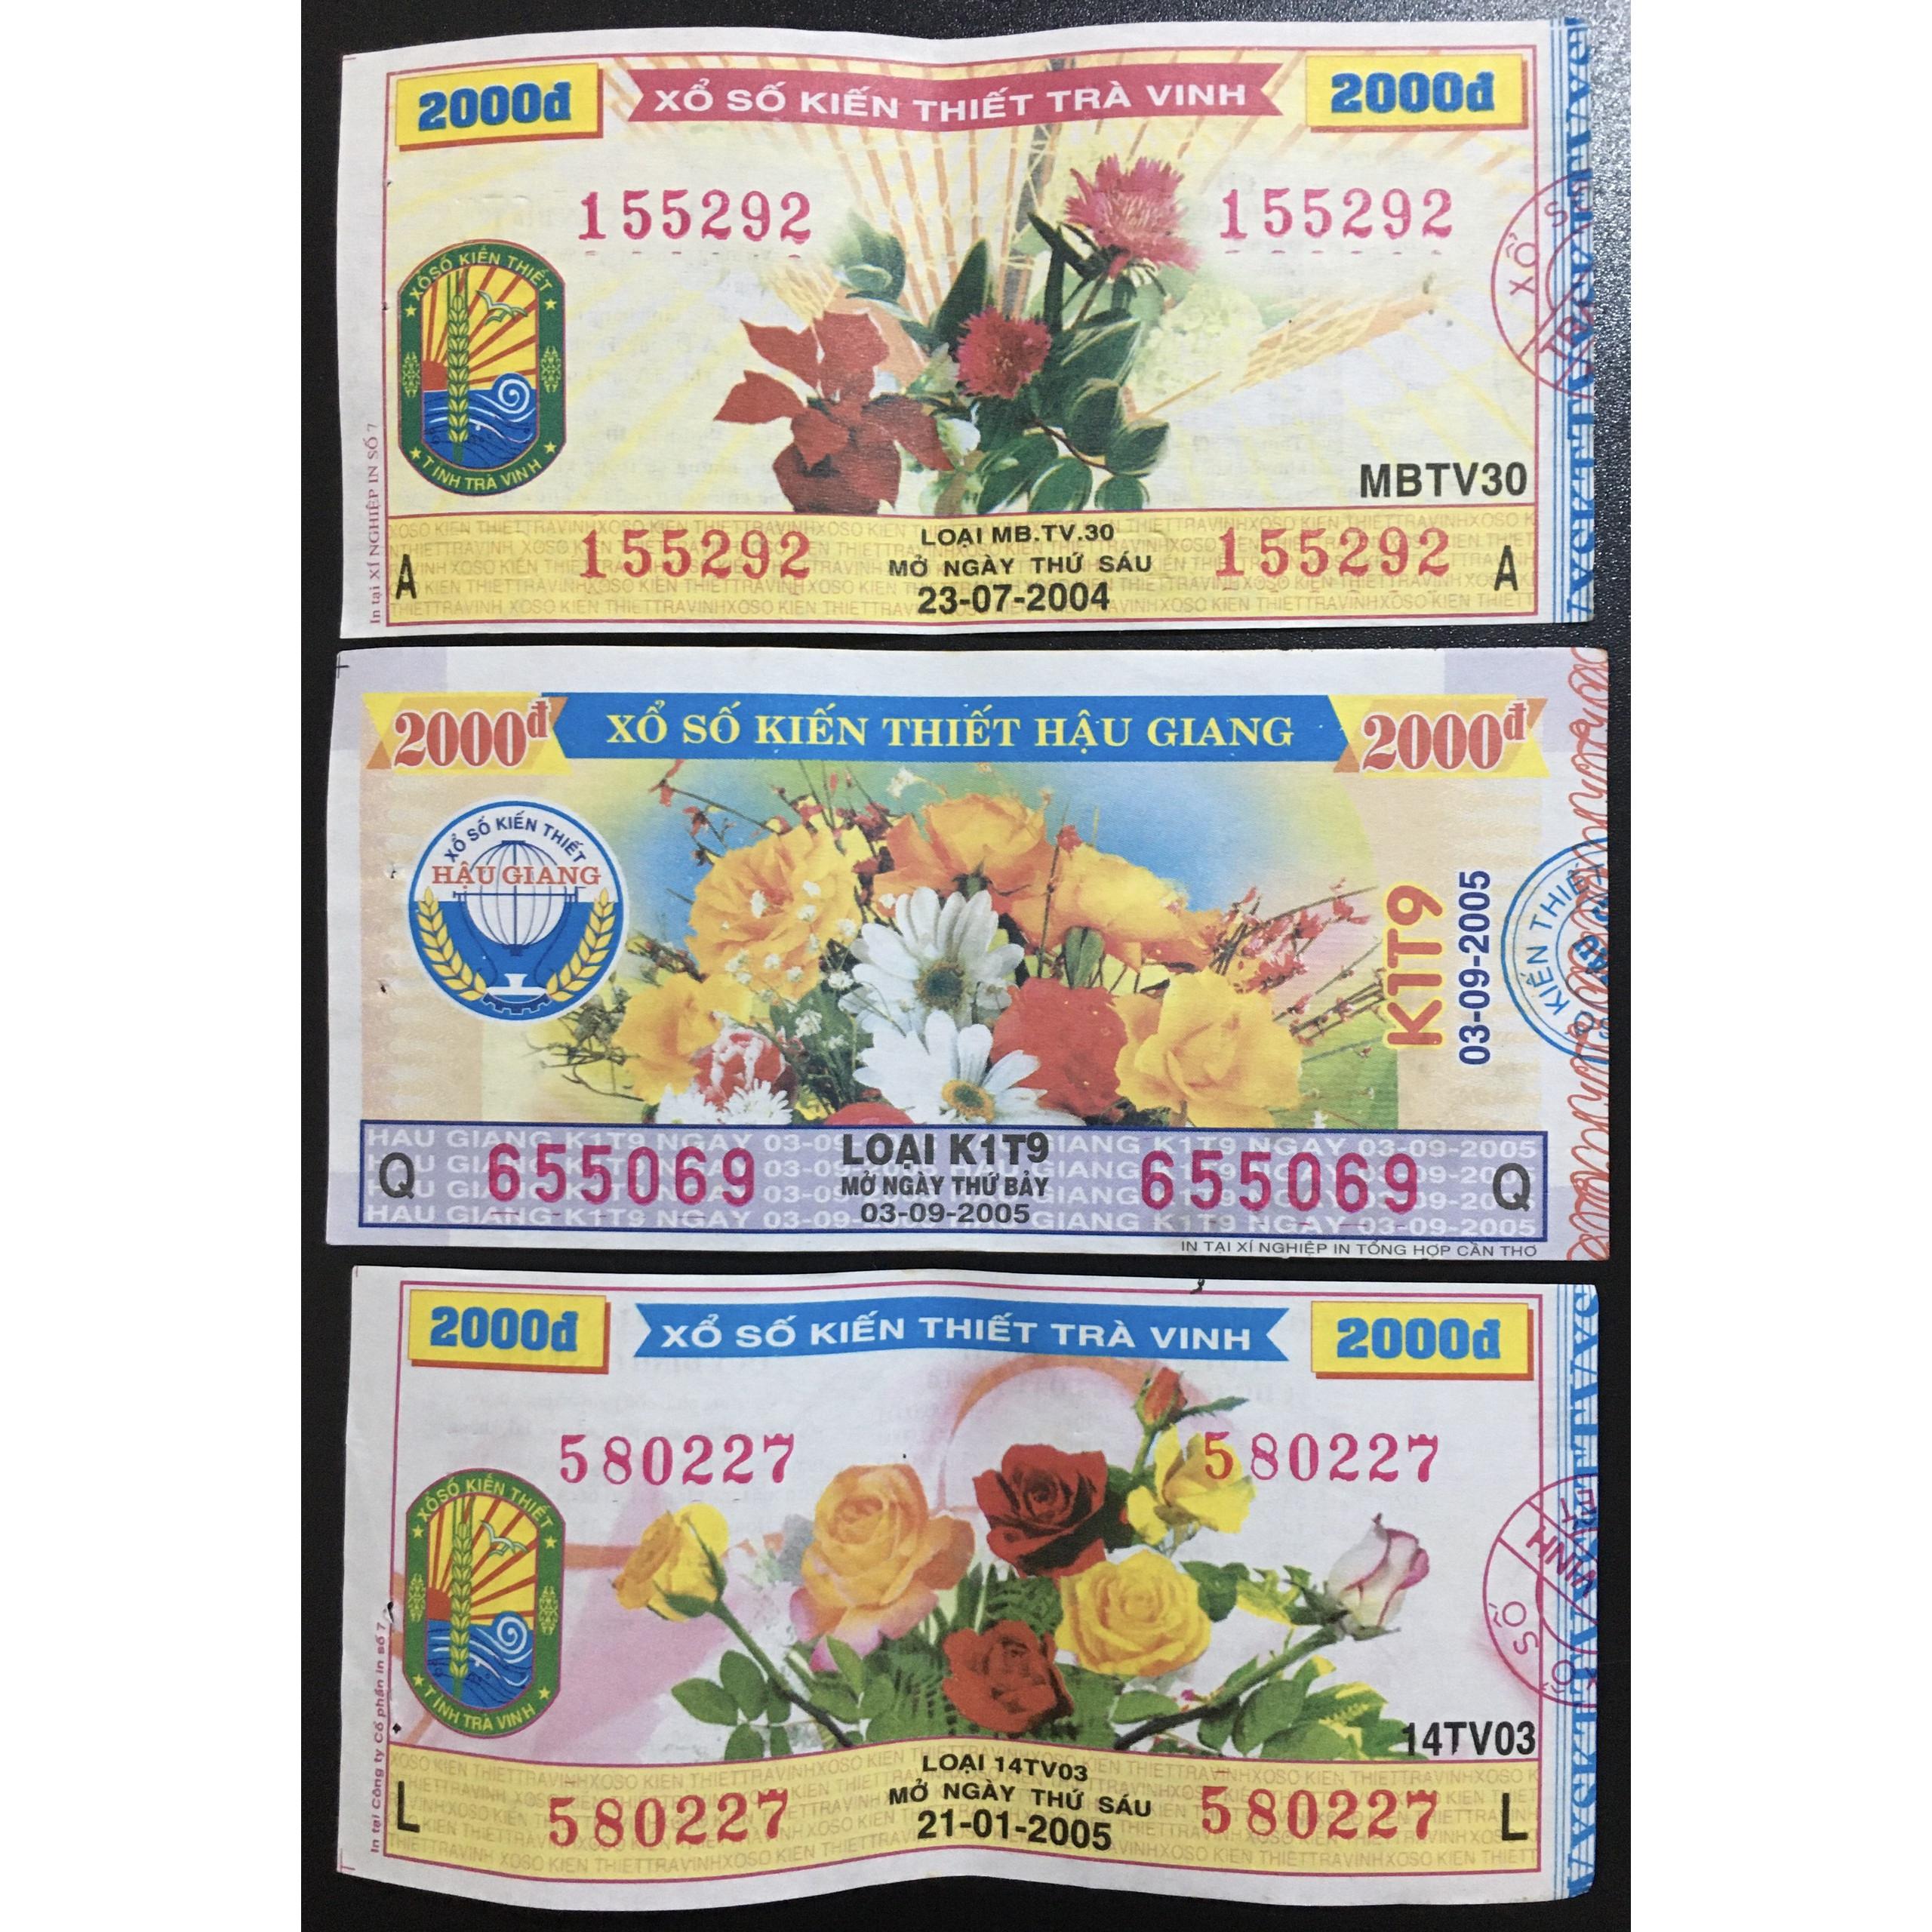 Vé Số Xưa Việt Nam 2000đ Hình Hoa Năm 2004-2005 Các Tỉnh [Vé Số Xưa Sưu Tầm]